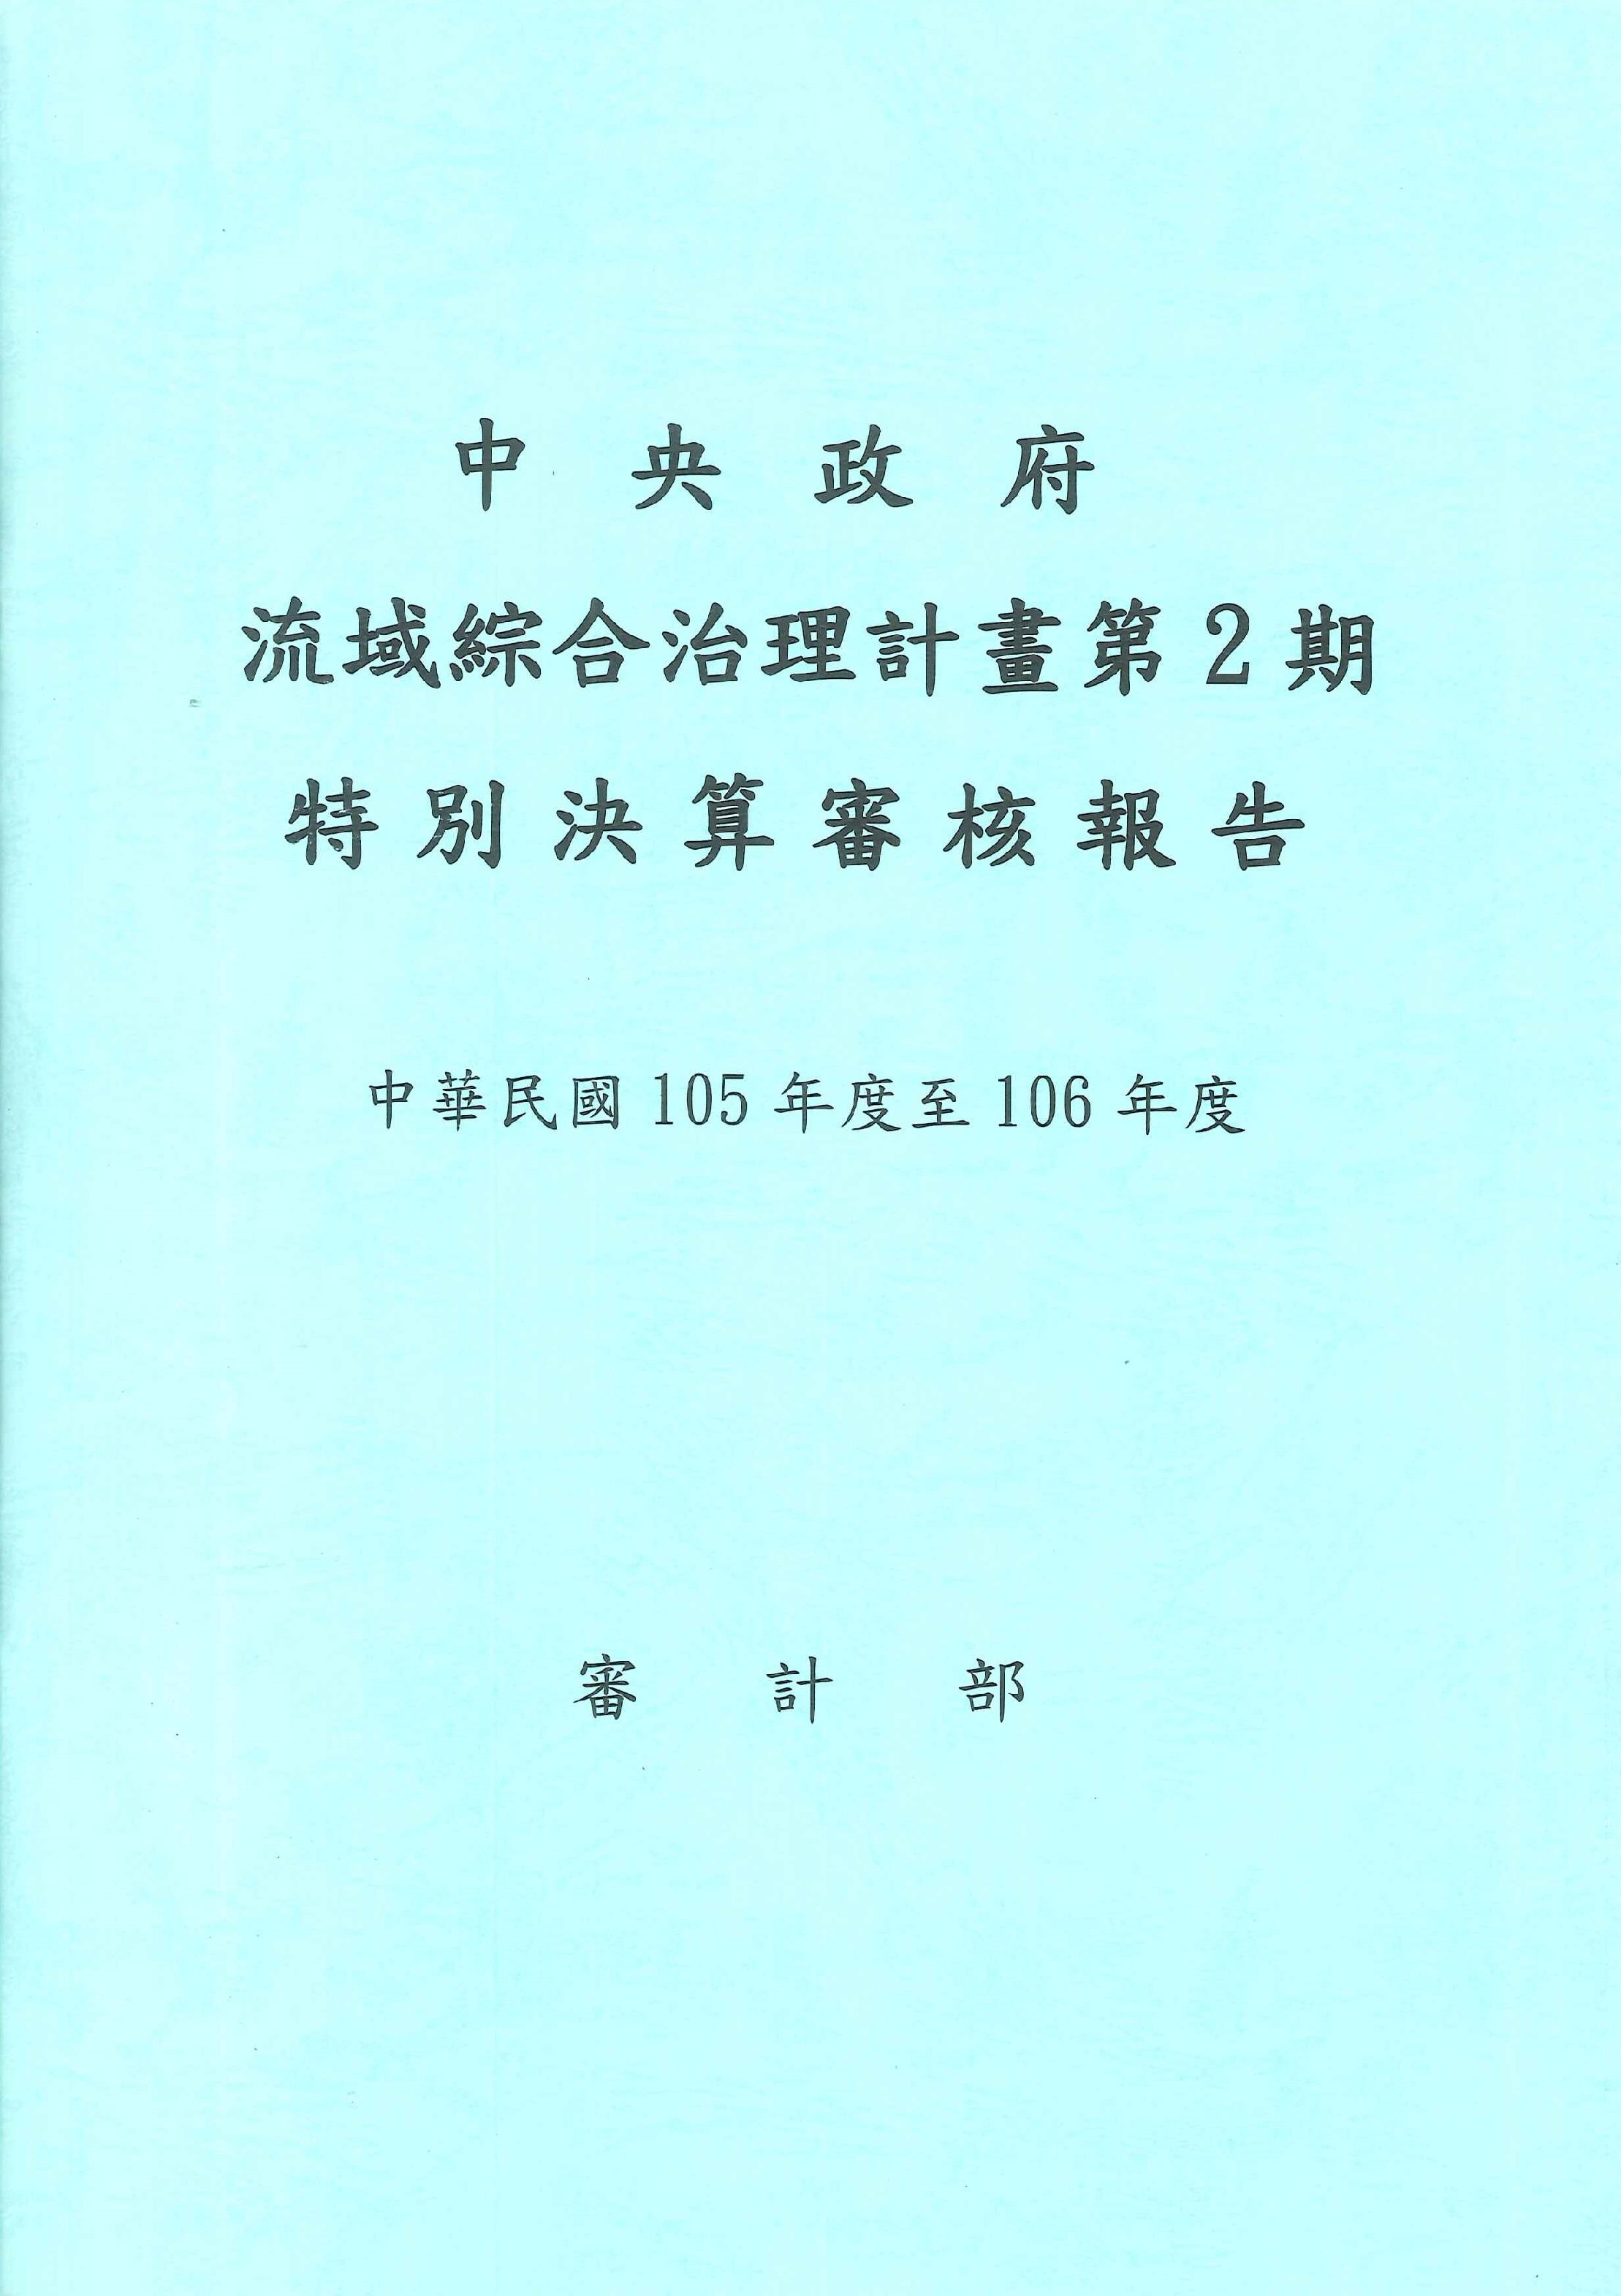 中央政府流域綜合治理計畫第2期特別決算審核報告.中華民國105年度至106年度